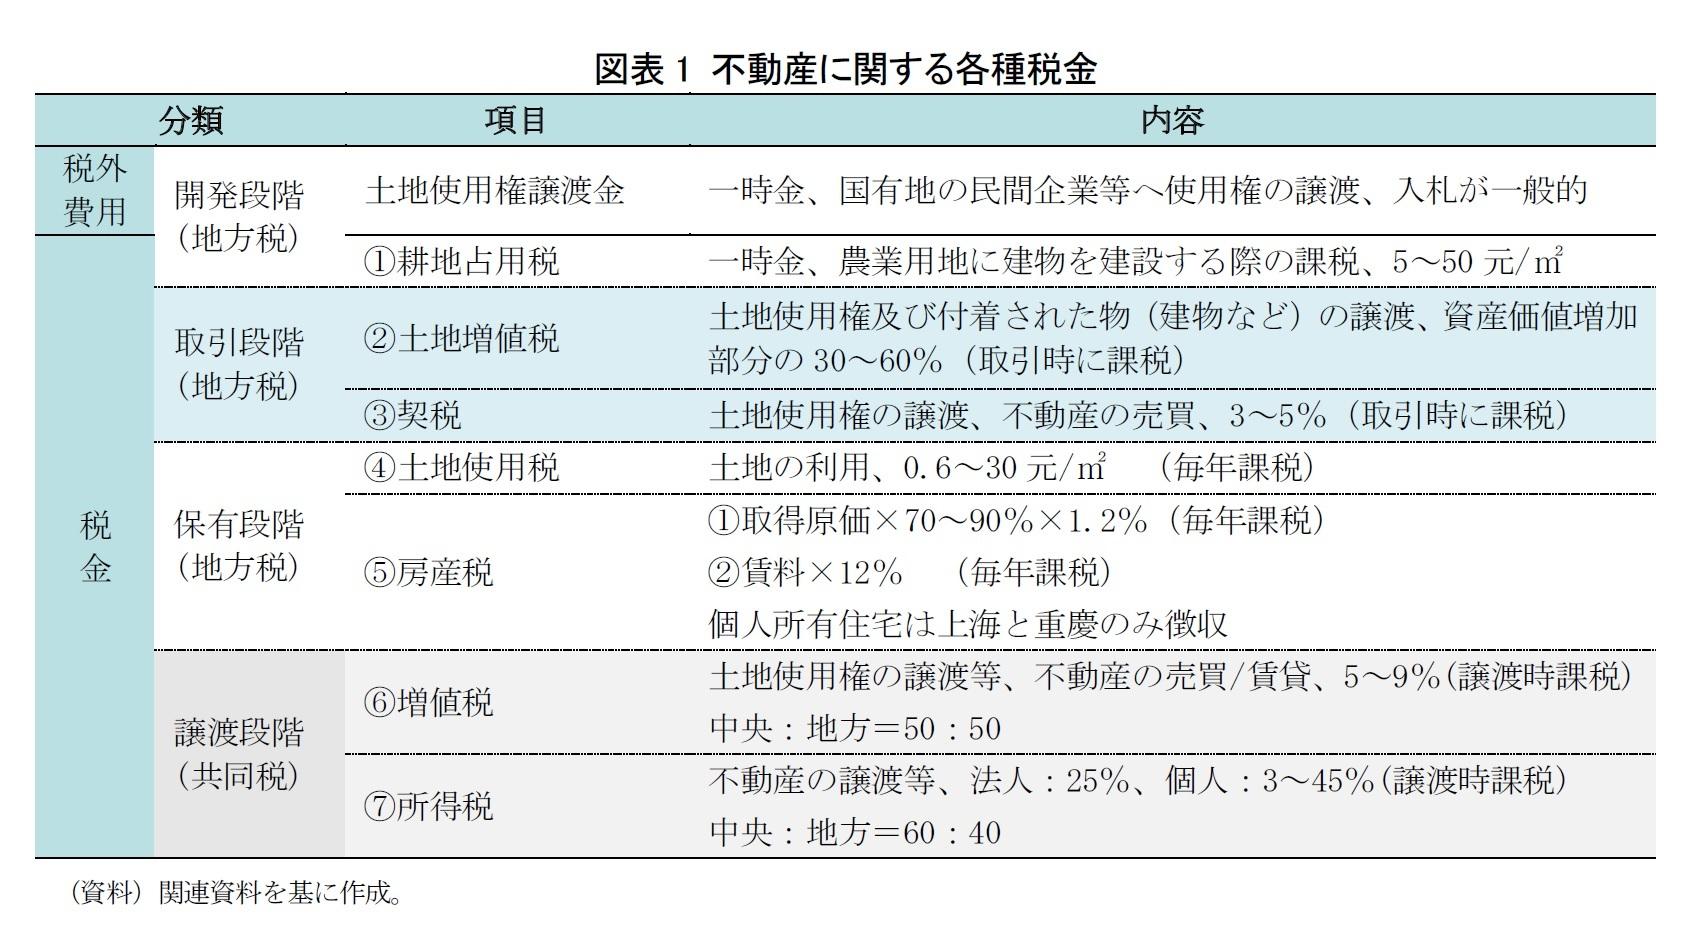 図表1 不動産に関する各種税金